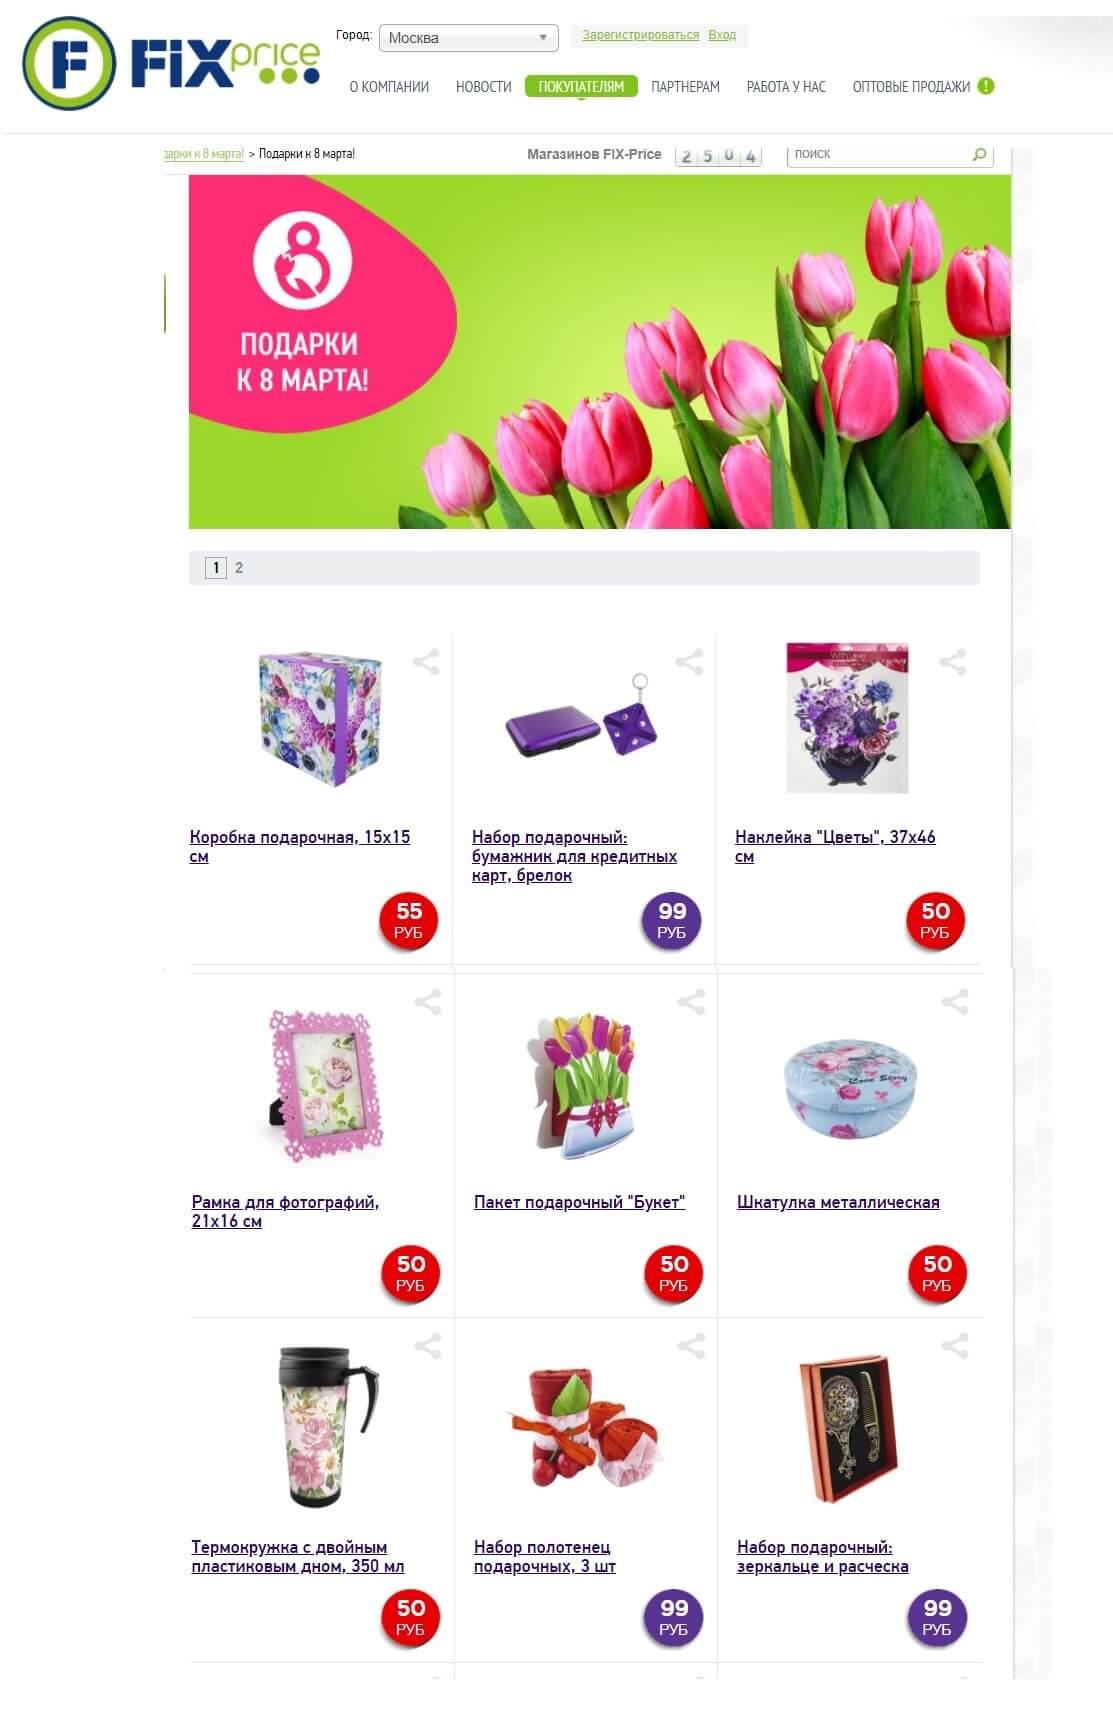 Примеры подарков на выбор.jpg